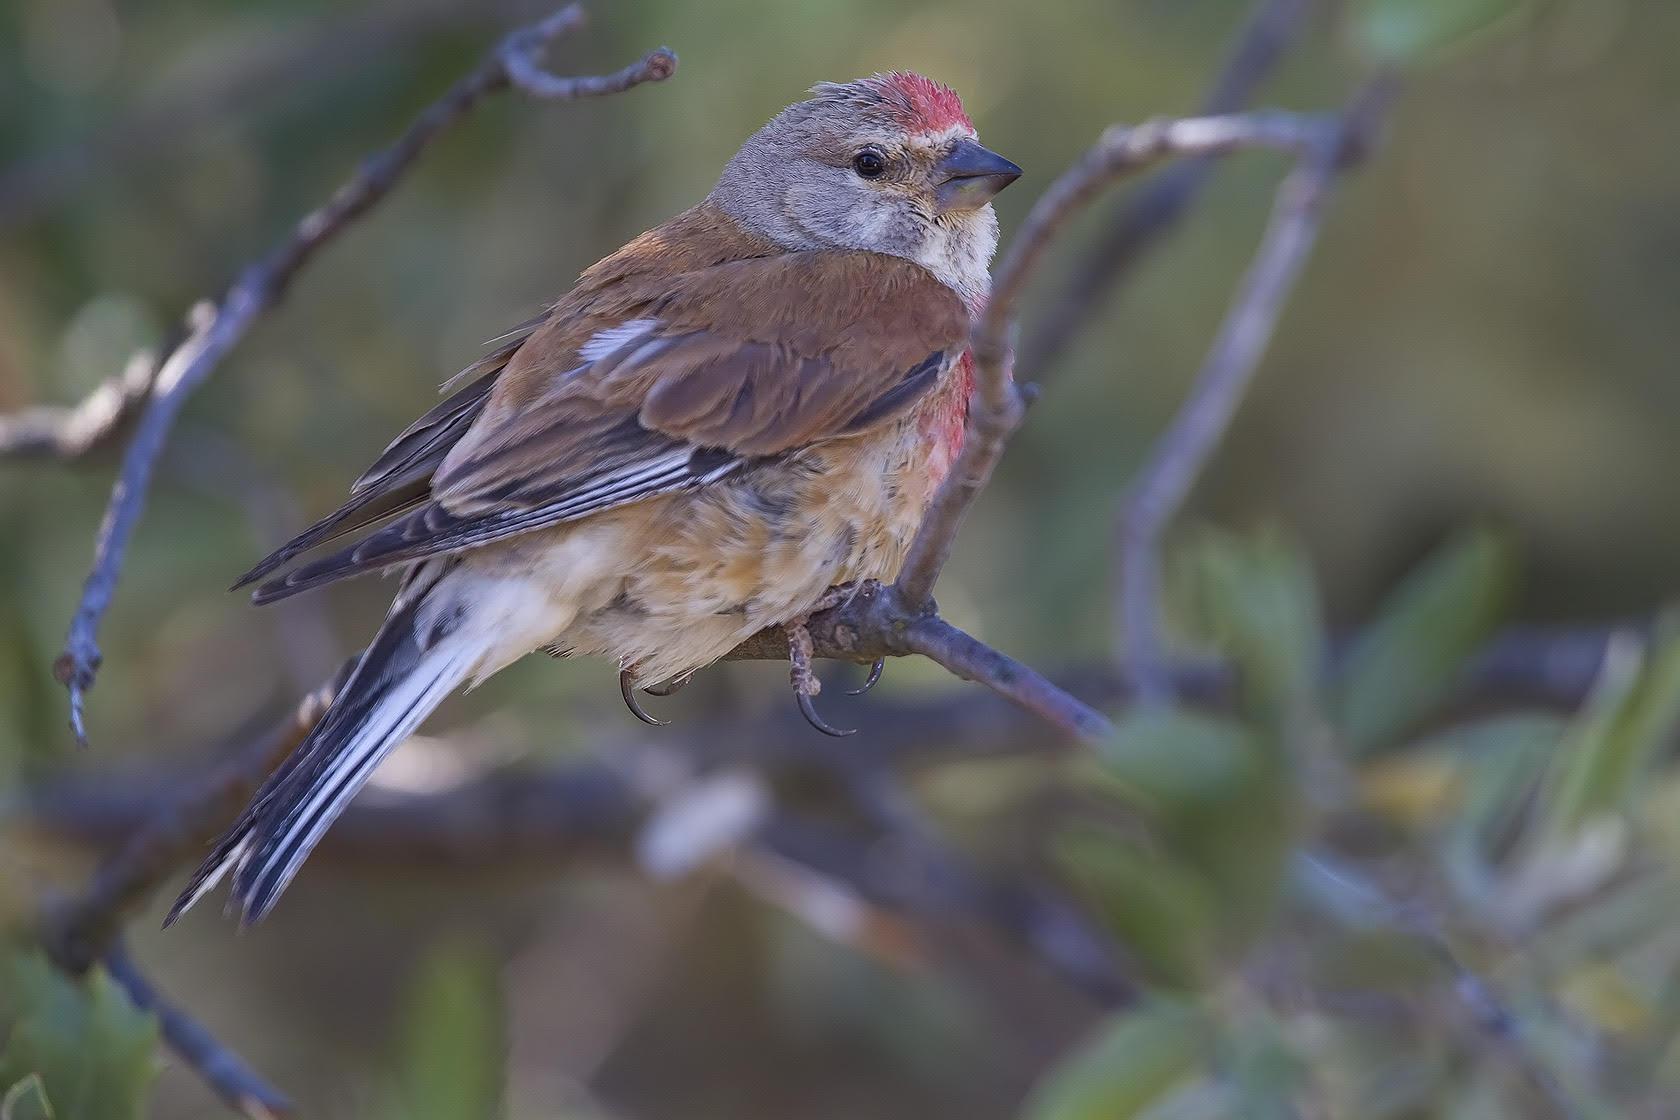 Ficha nº004 de Aves que puedes ver en Guadalajara – Pardillo común (Linaria cannabina)